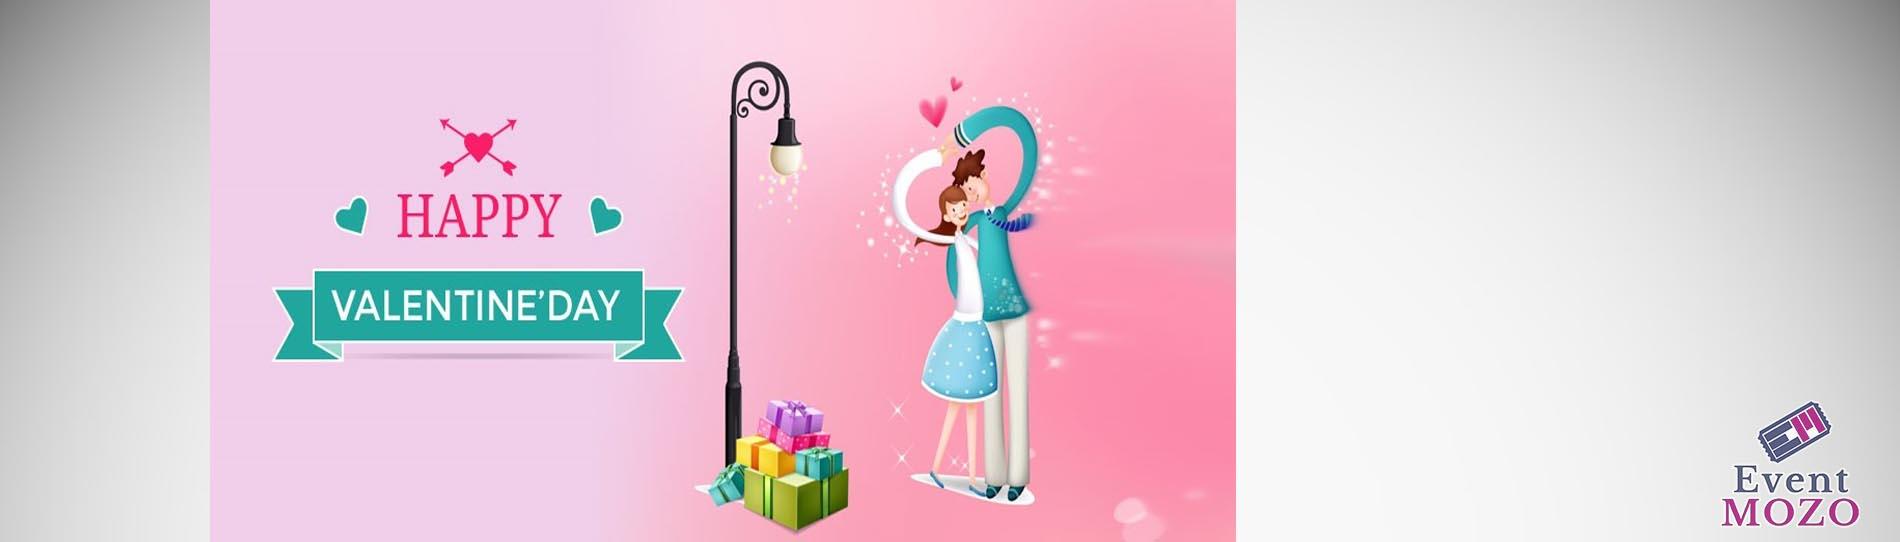 EventMozo Valentine;s day Party with JUBIN NAUTIYAL